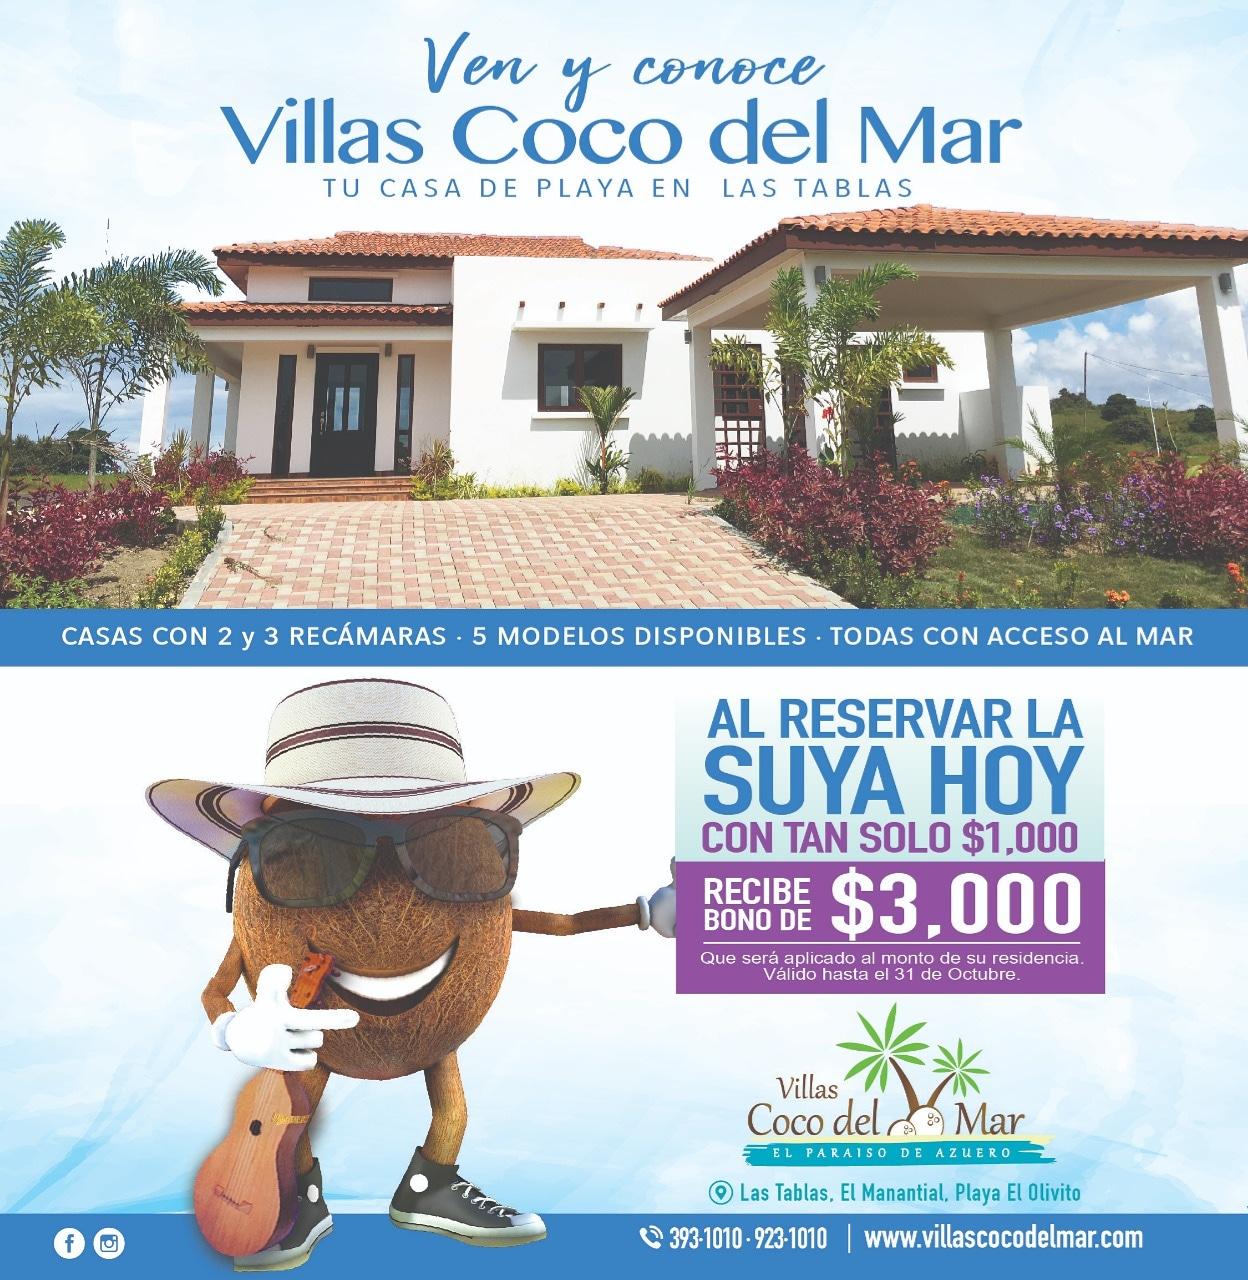 VILAS COCO DEL MAR